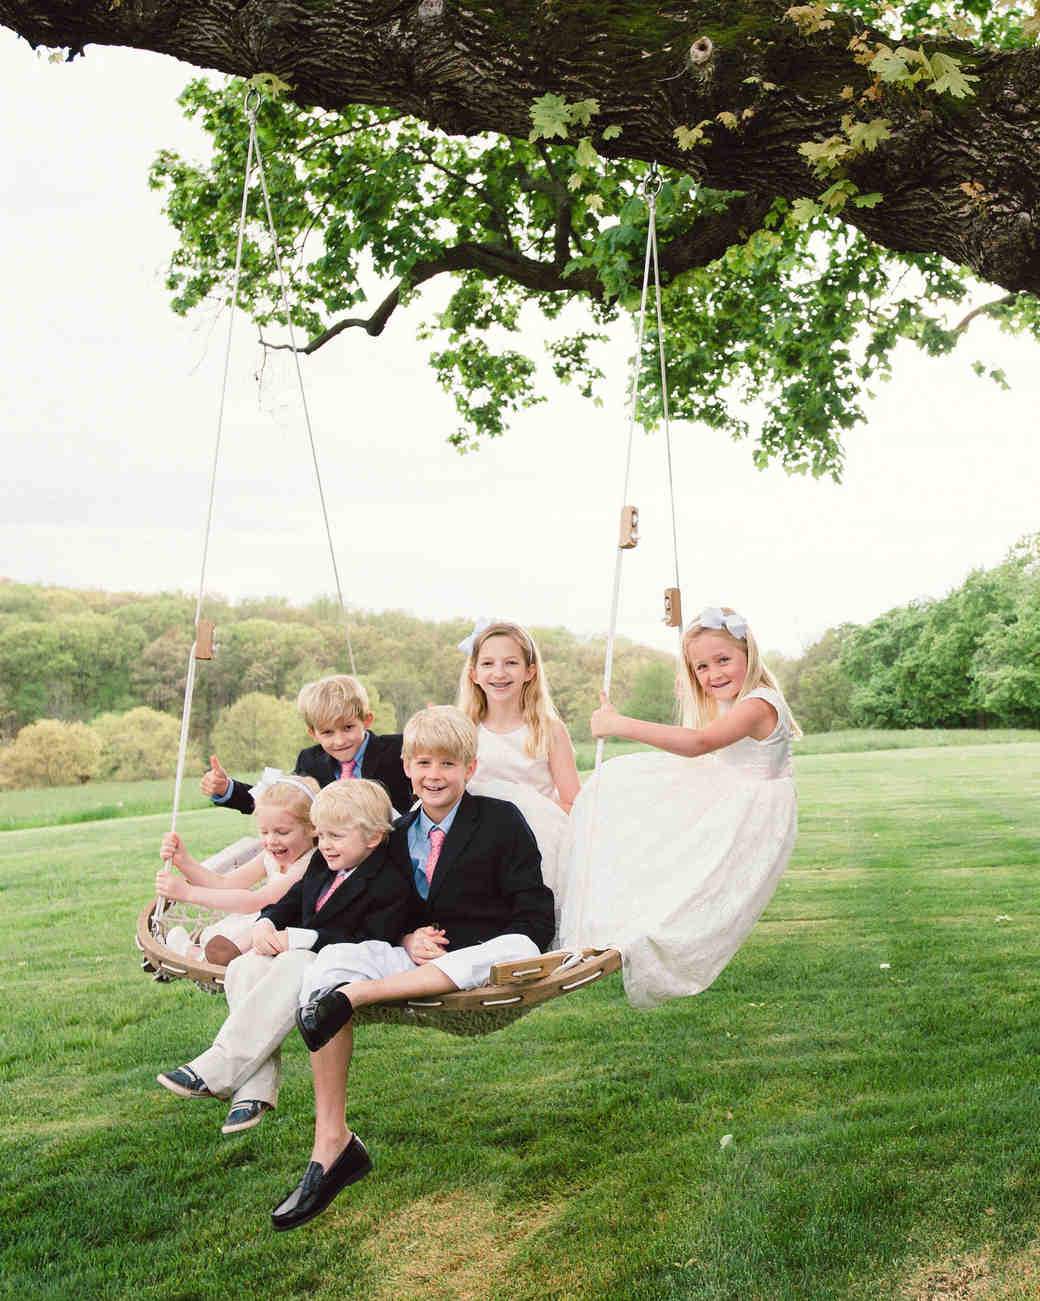 katy andrew wedding swing